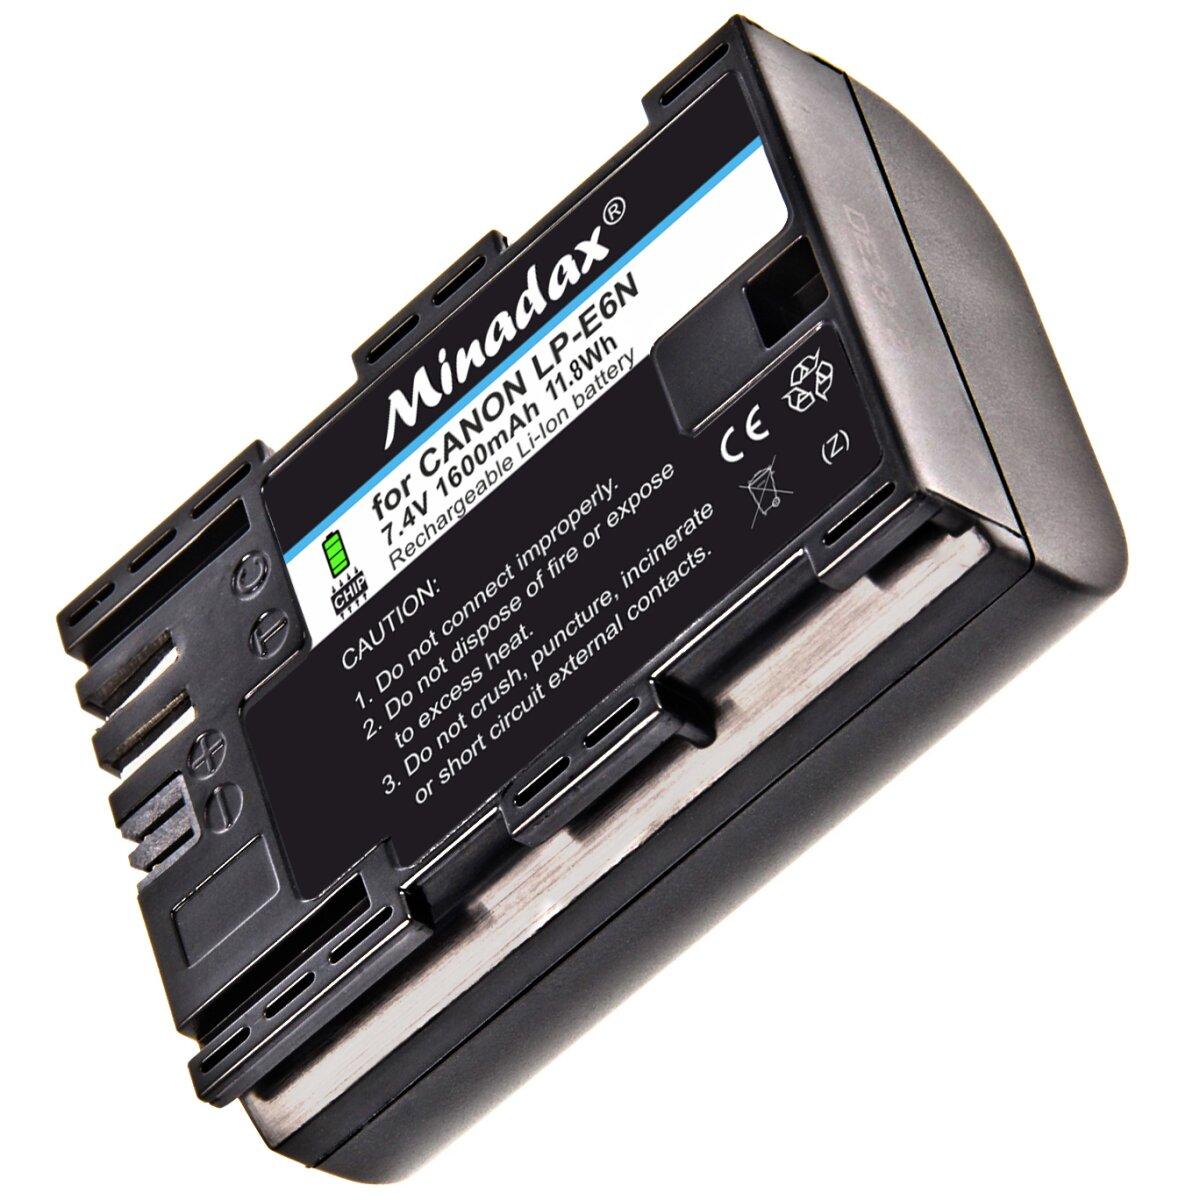 Minadax® Qualitätsakku mit echten 1600 mAh kompatibel für Canon EOS 6D Mark II 80D 7D Mark II, Ersatz für LP-E6N - Intelligentes Akkusystem mit Chip